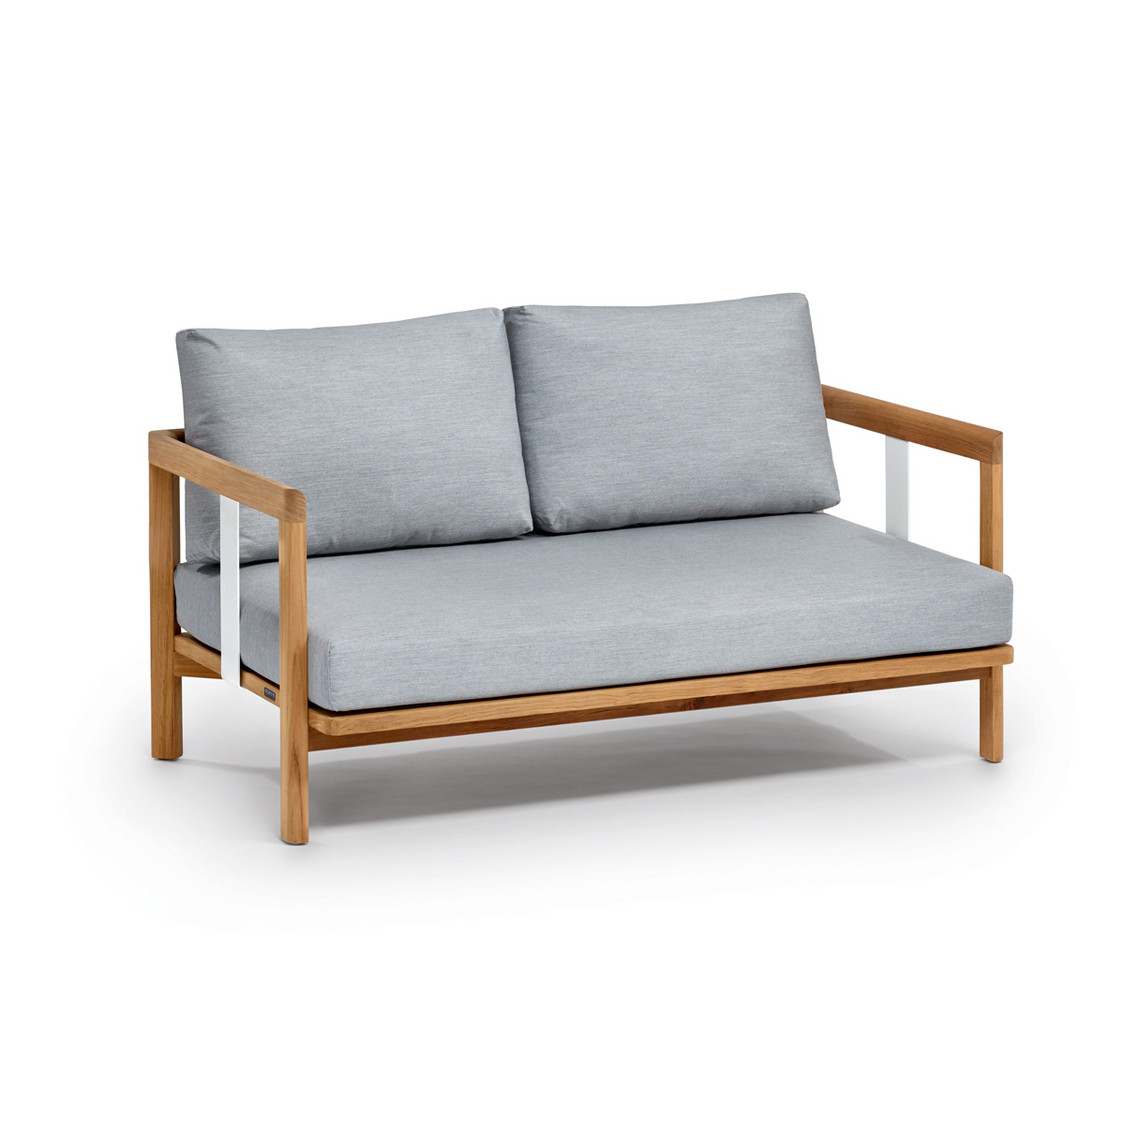 Bevorzugt Garten Lounge Sofa New Hampton, 2-Sitzer | hauptstadtmoebel.de EL98